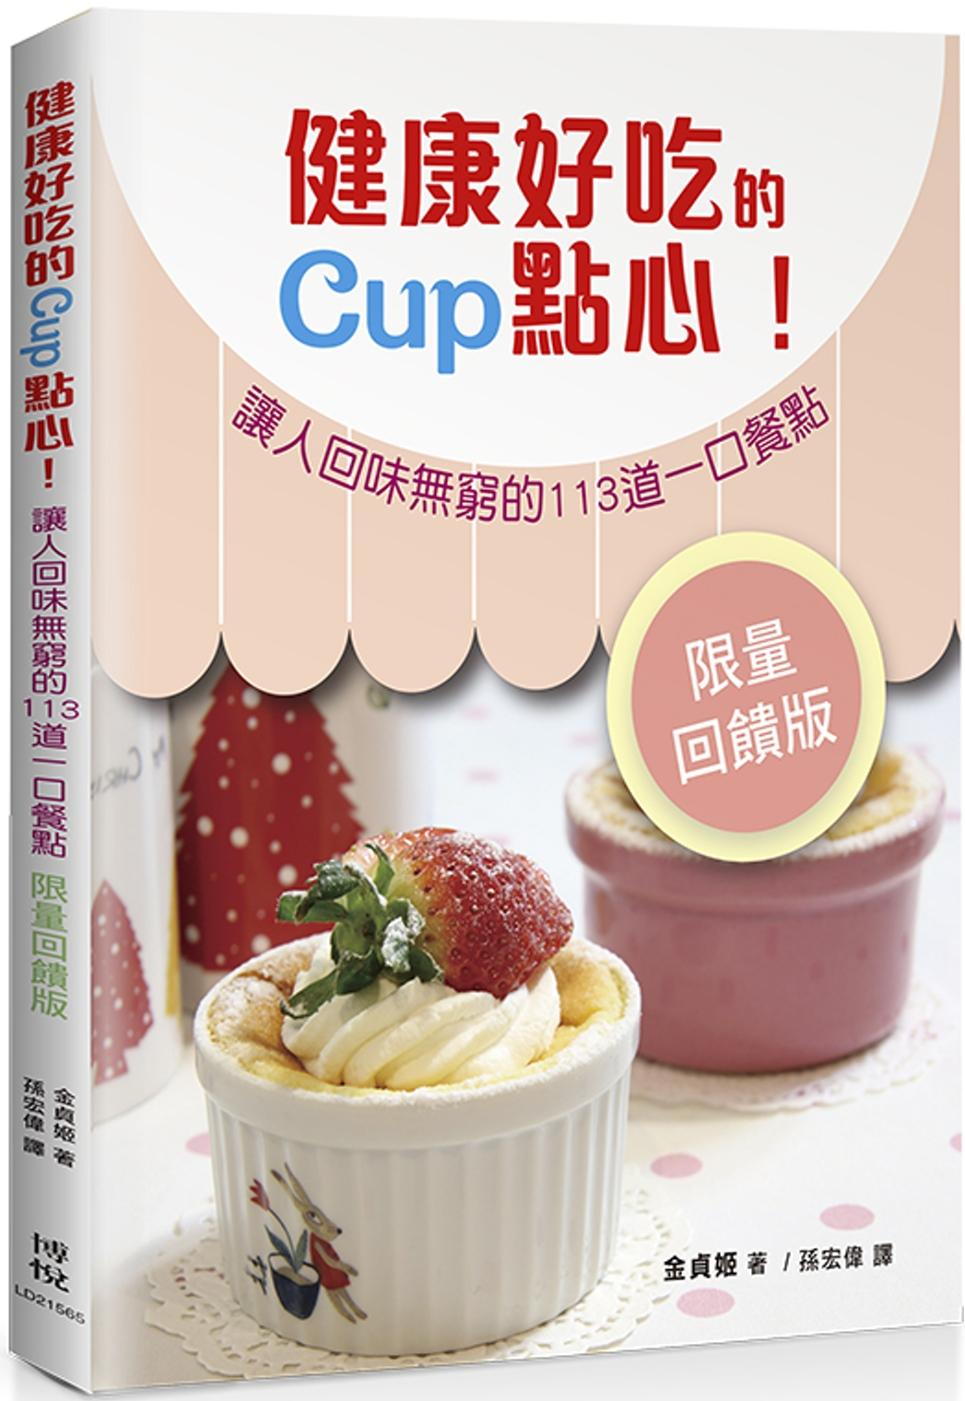 健康好吃的Cup點心!:讓人回味無窮的133道一口餐點 lt  版 gt